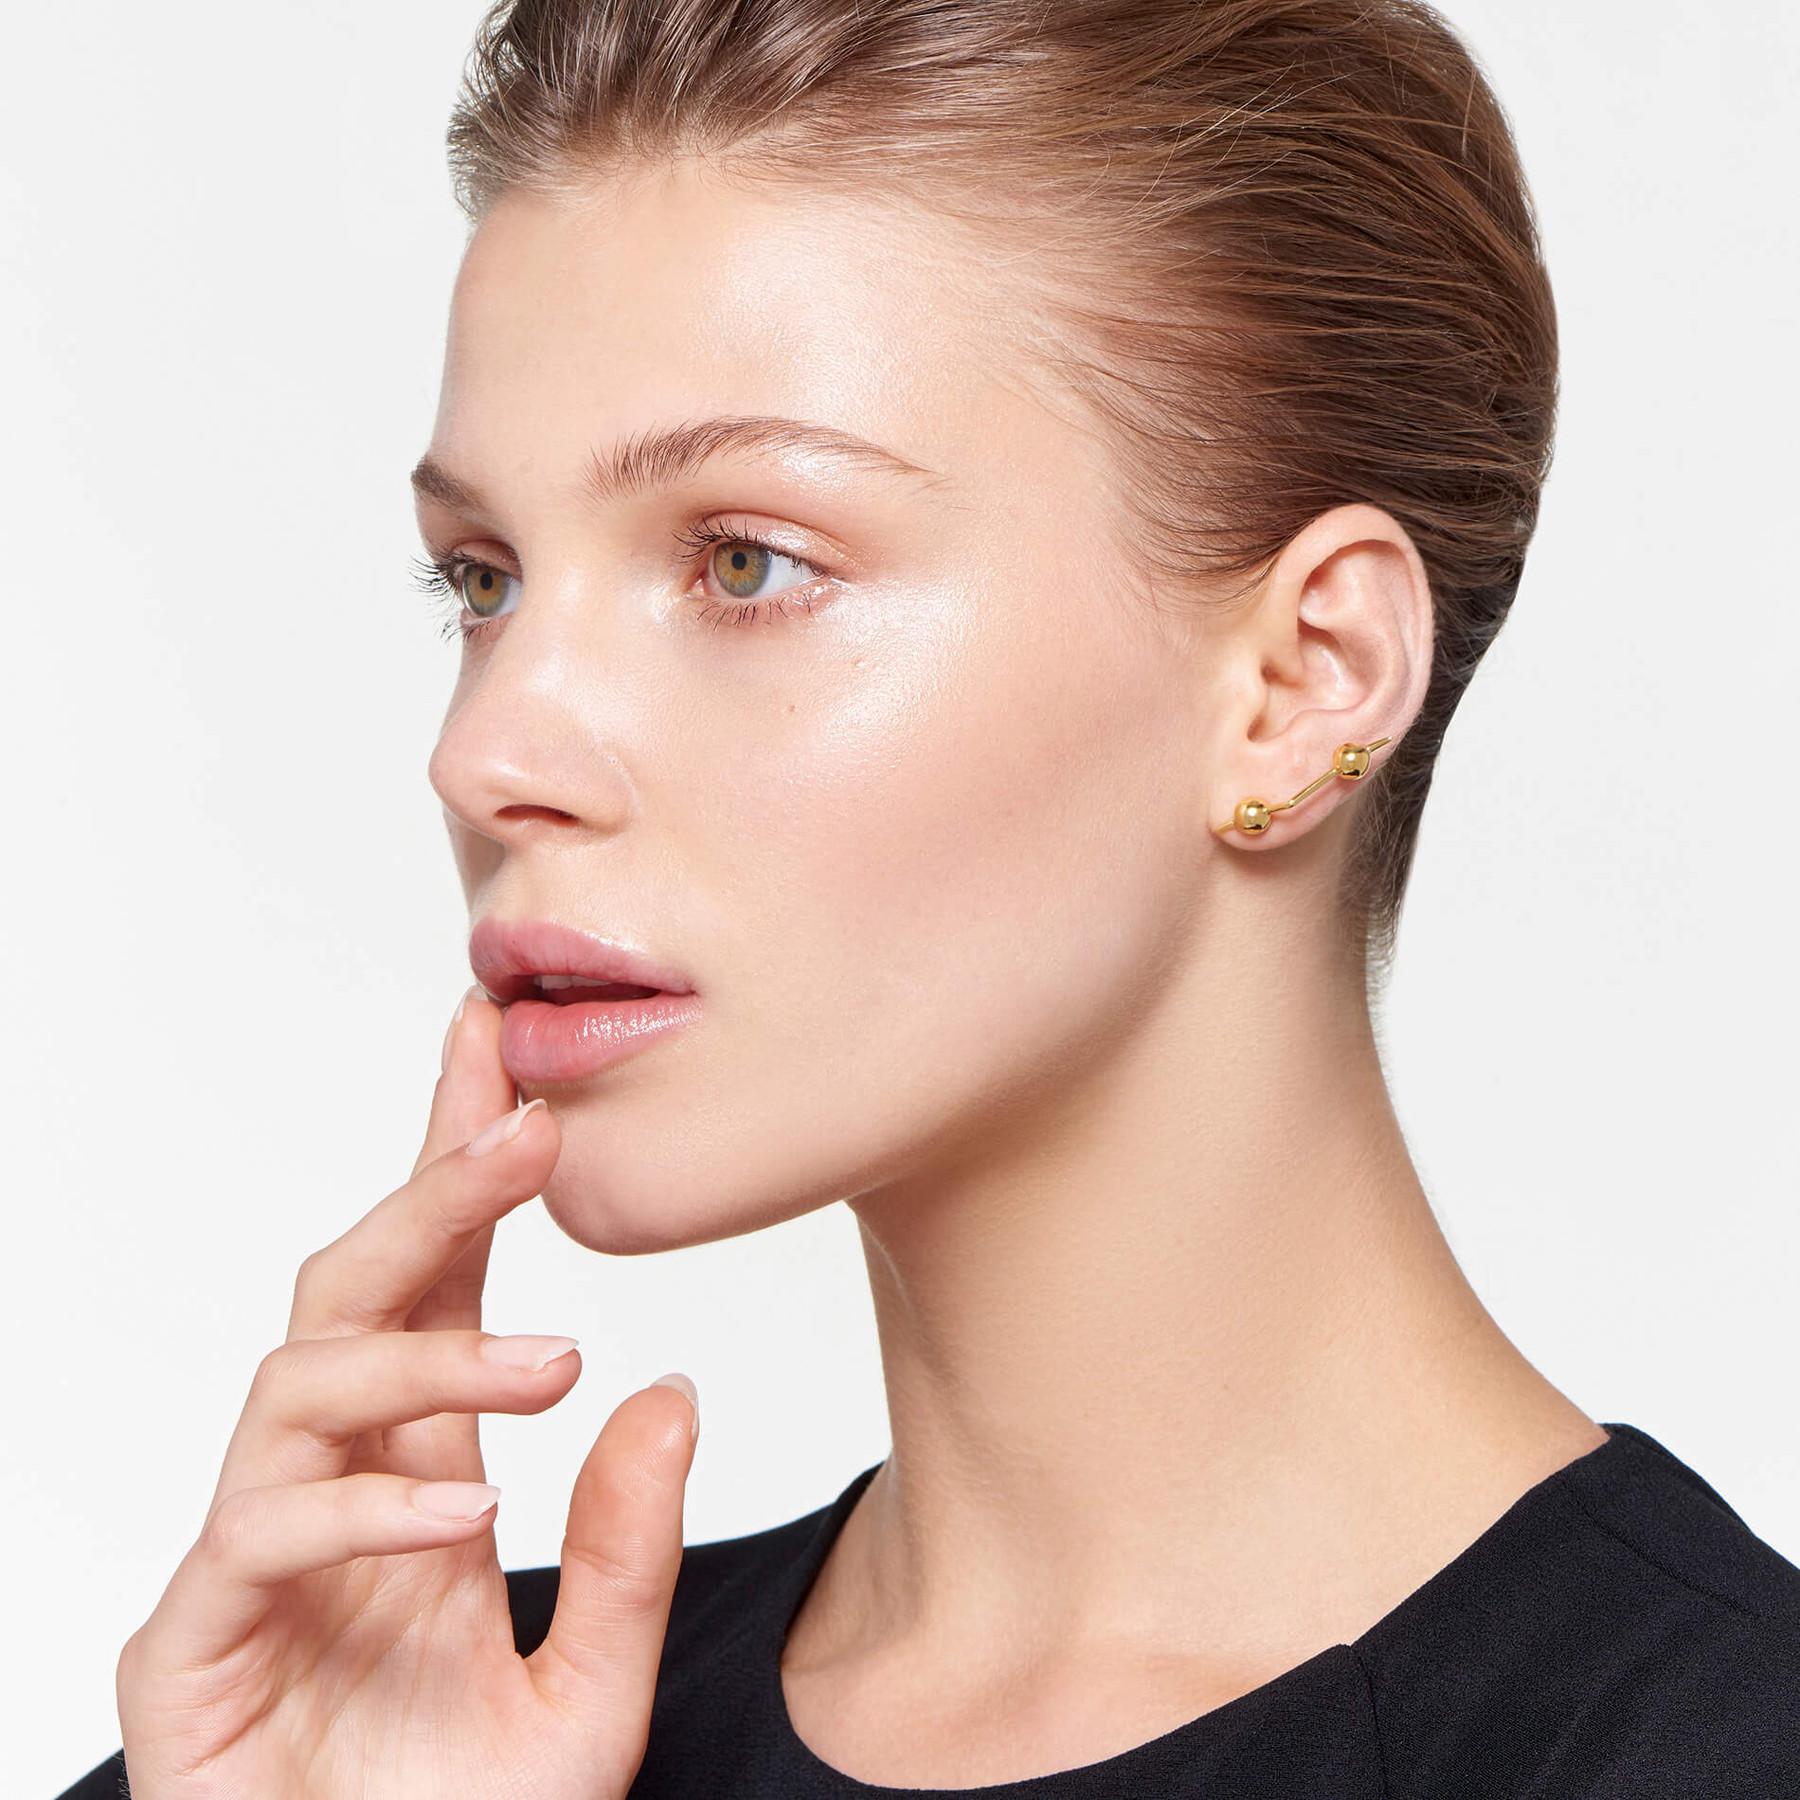 attractive model wearing modern 22 karat polished gold earrings in zigzag pattern